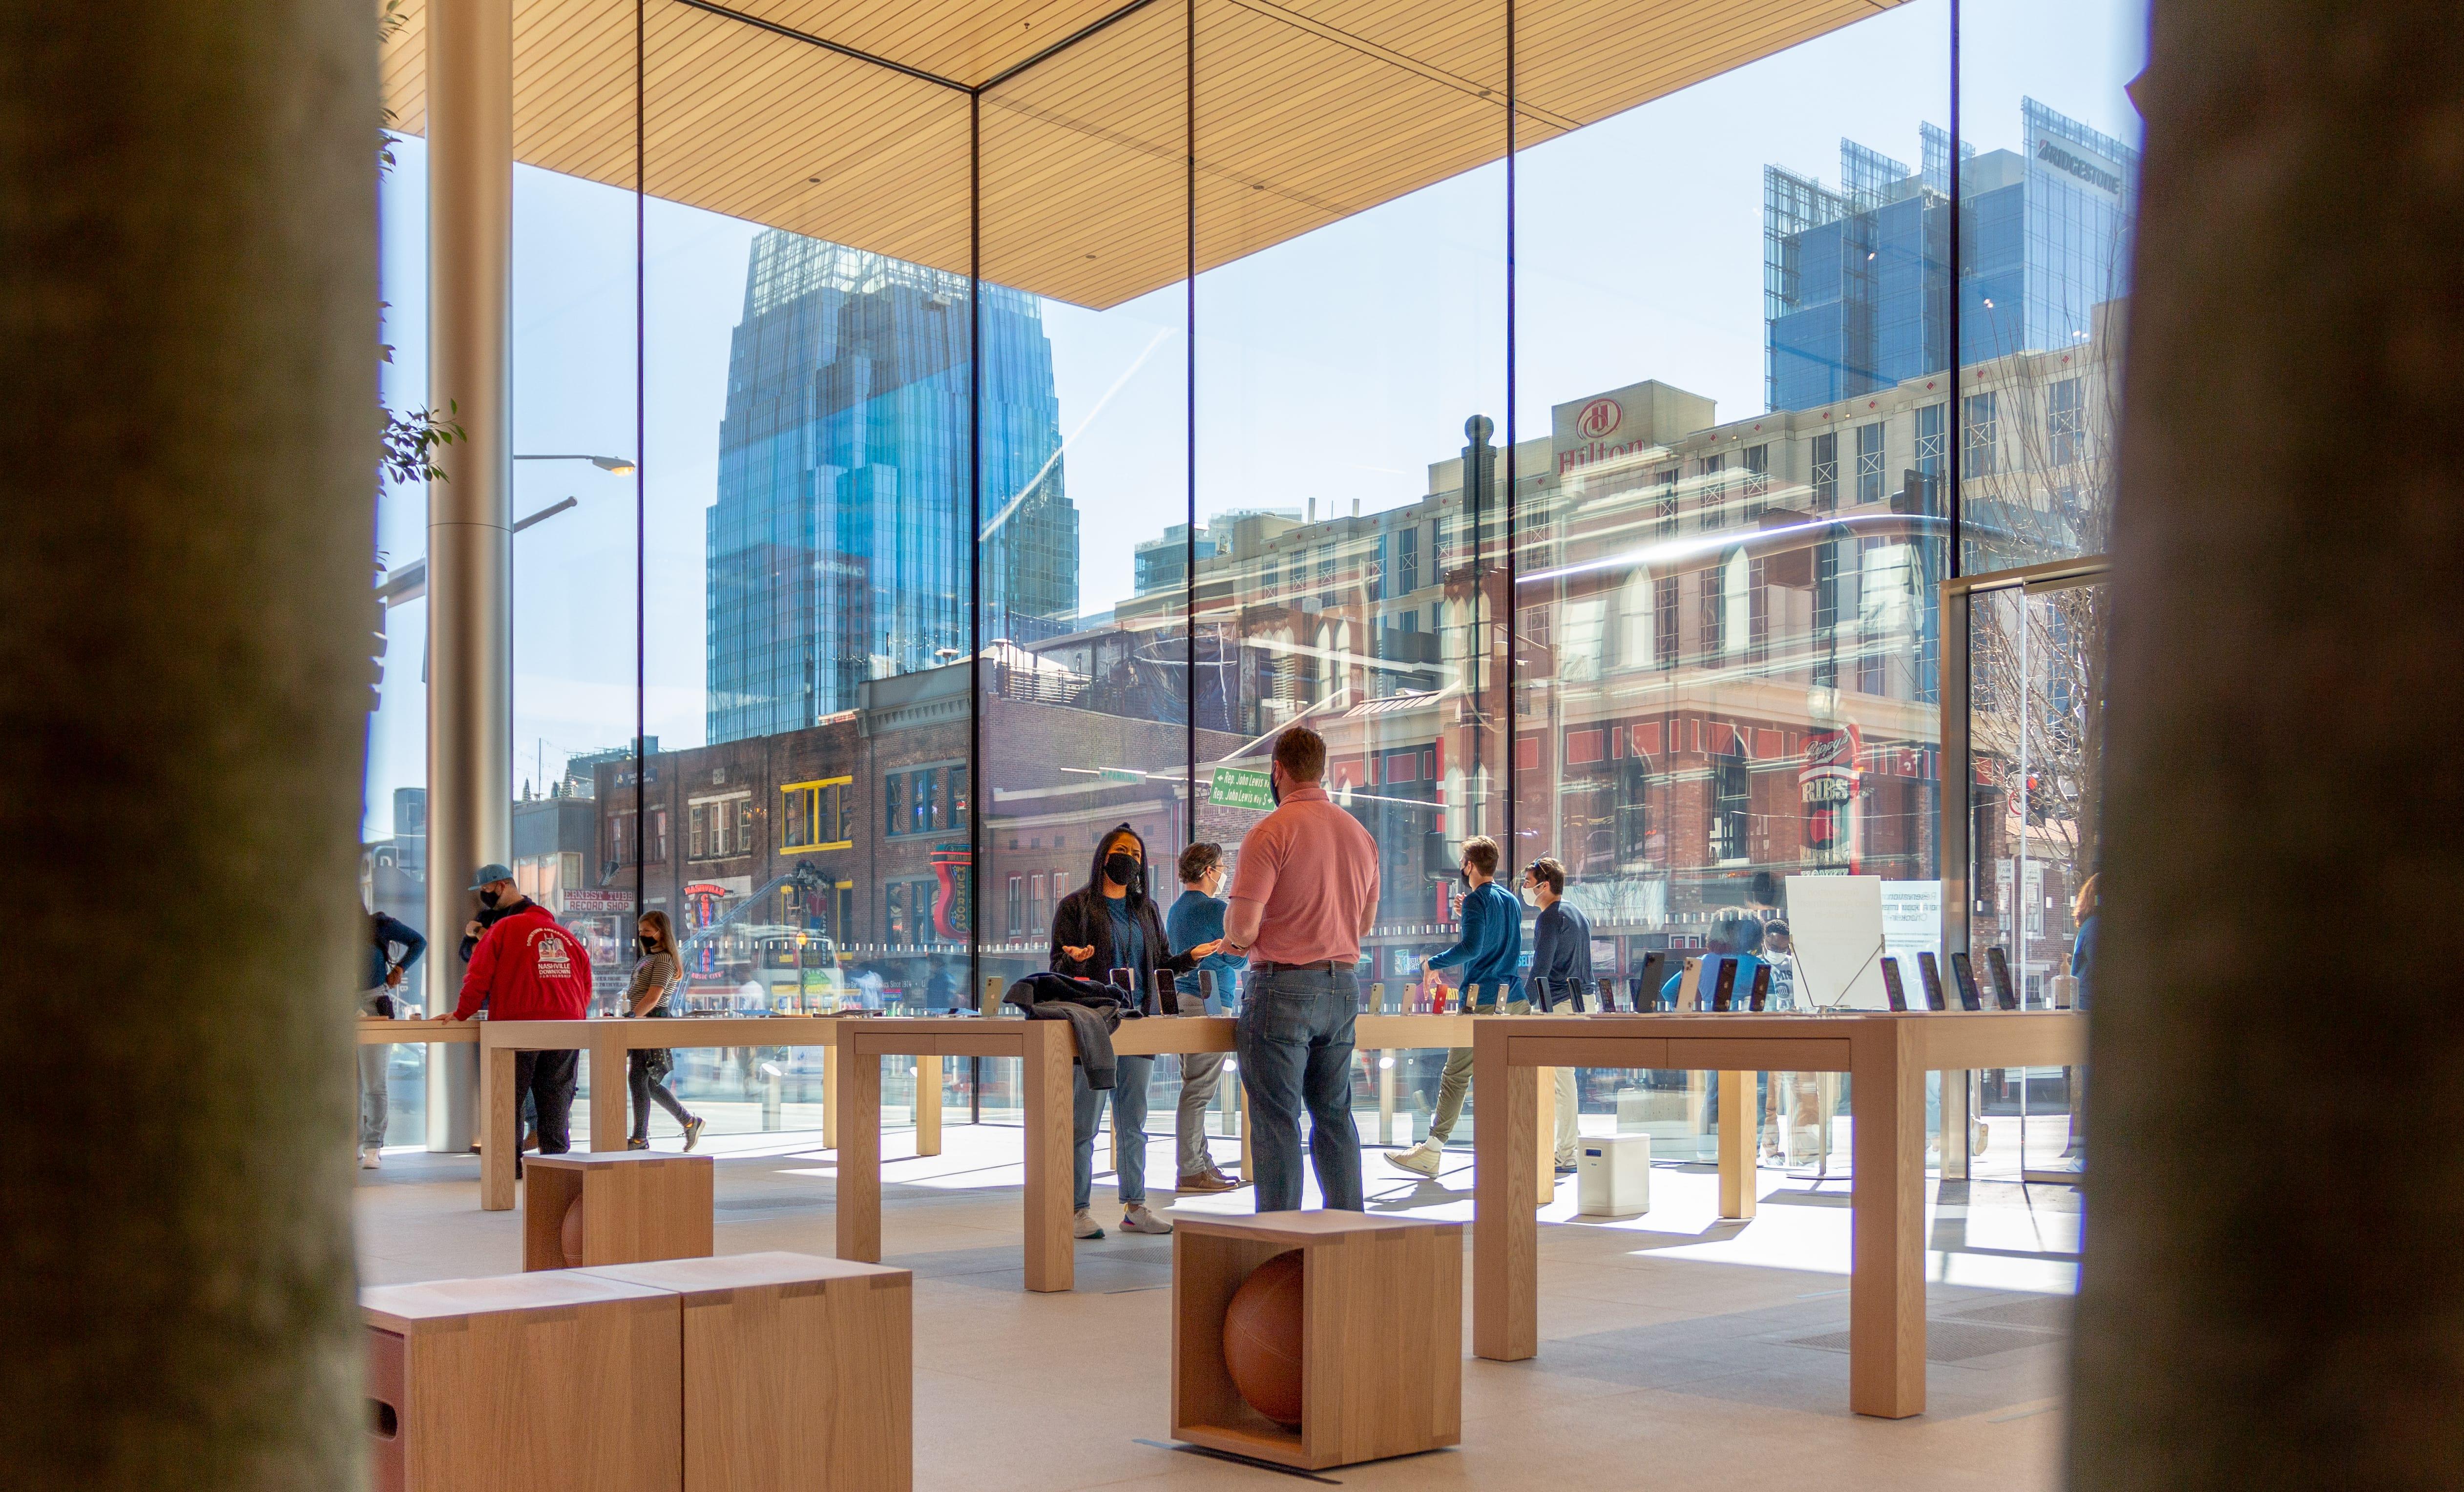 Apple Downtown Nashville overlooks the city